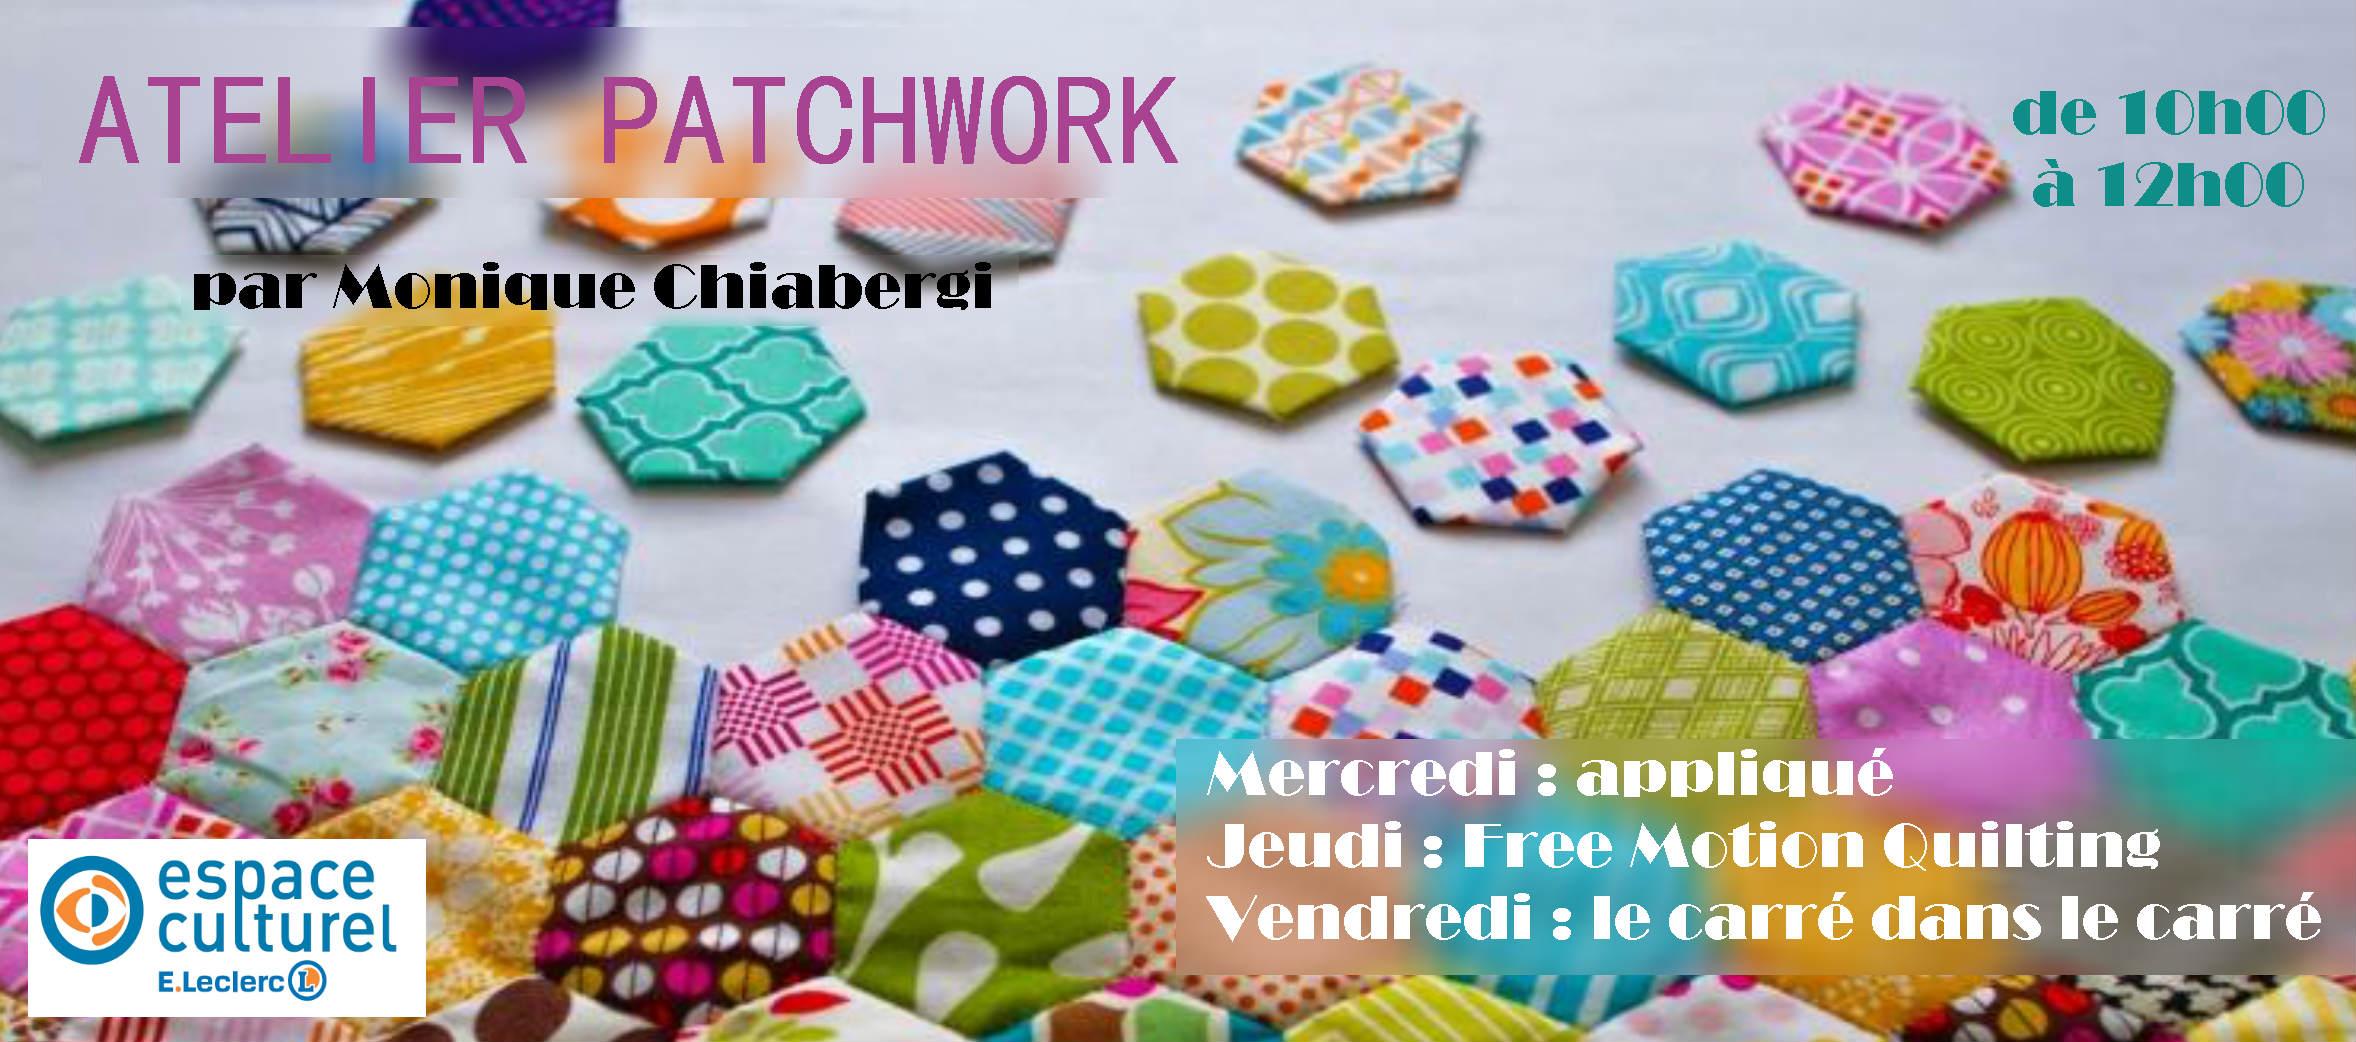 Bandeau+atelier+patchwork